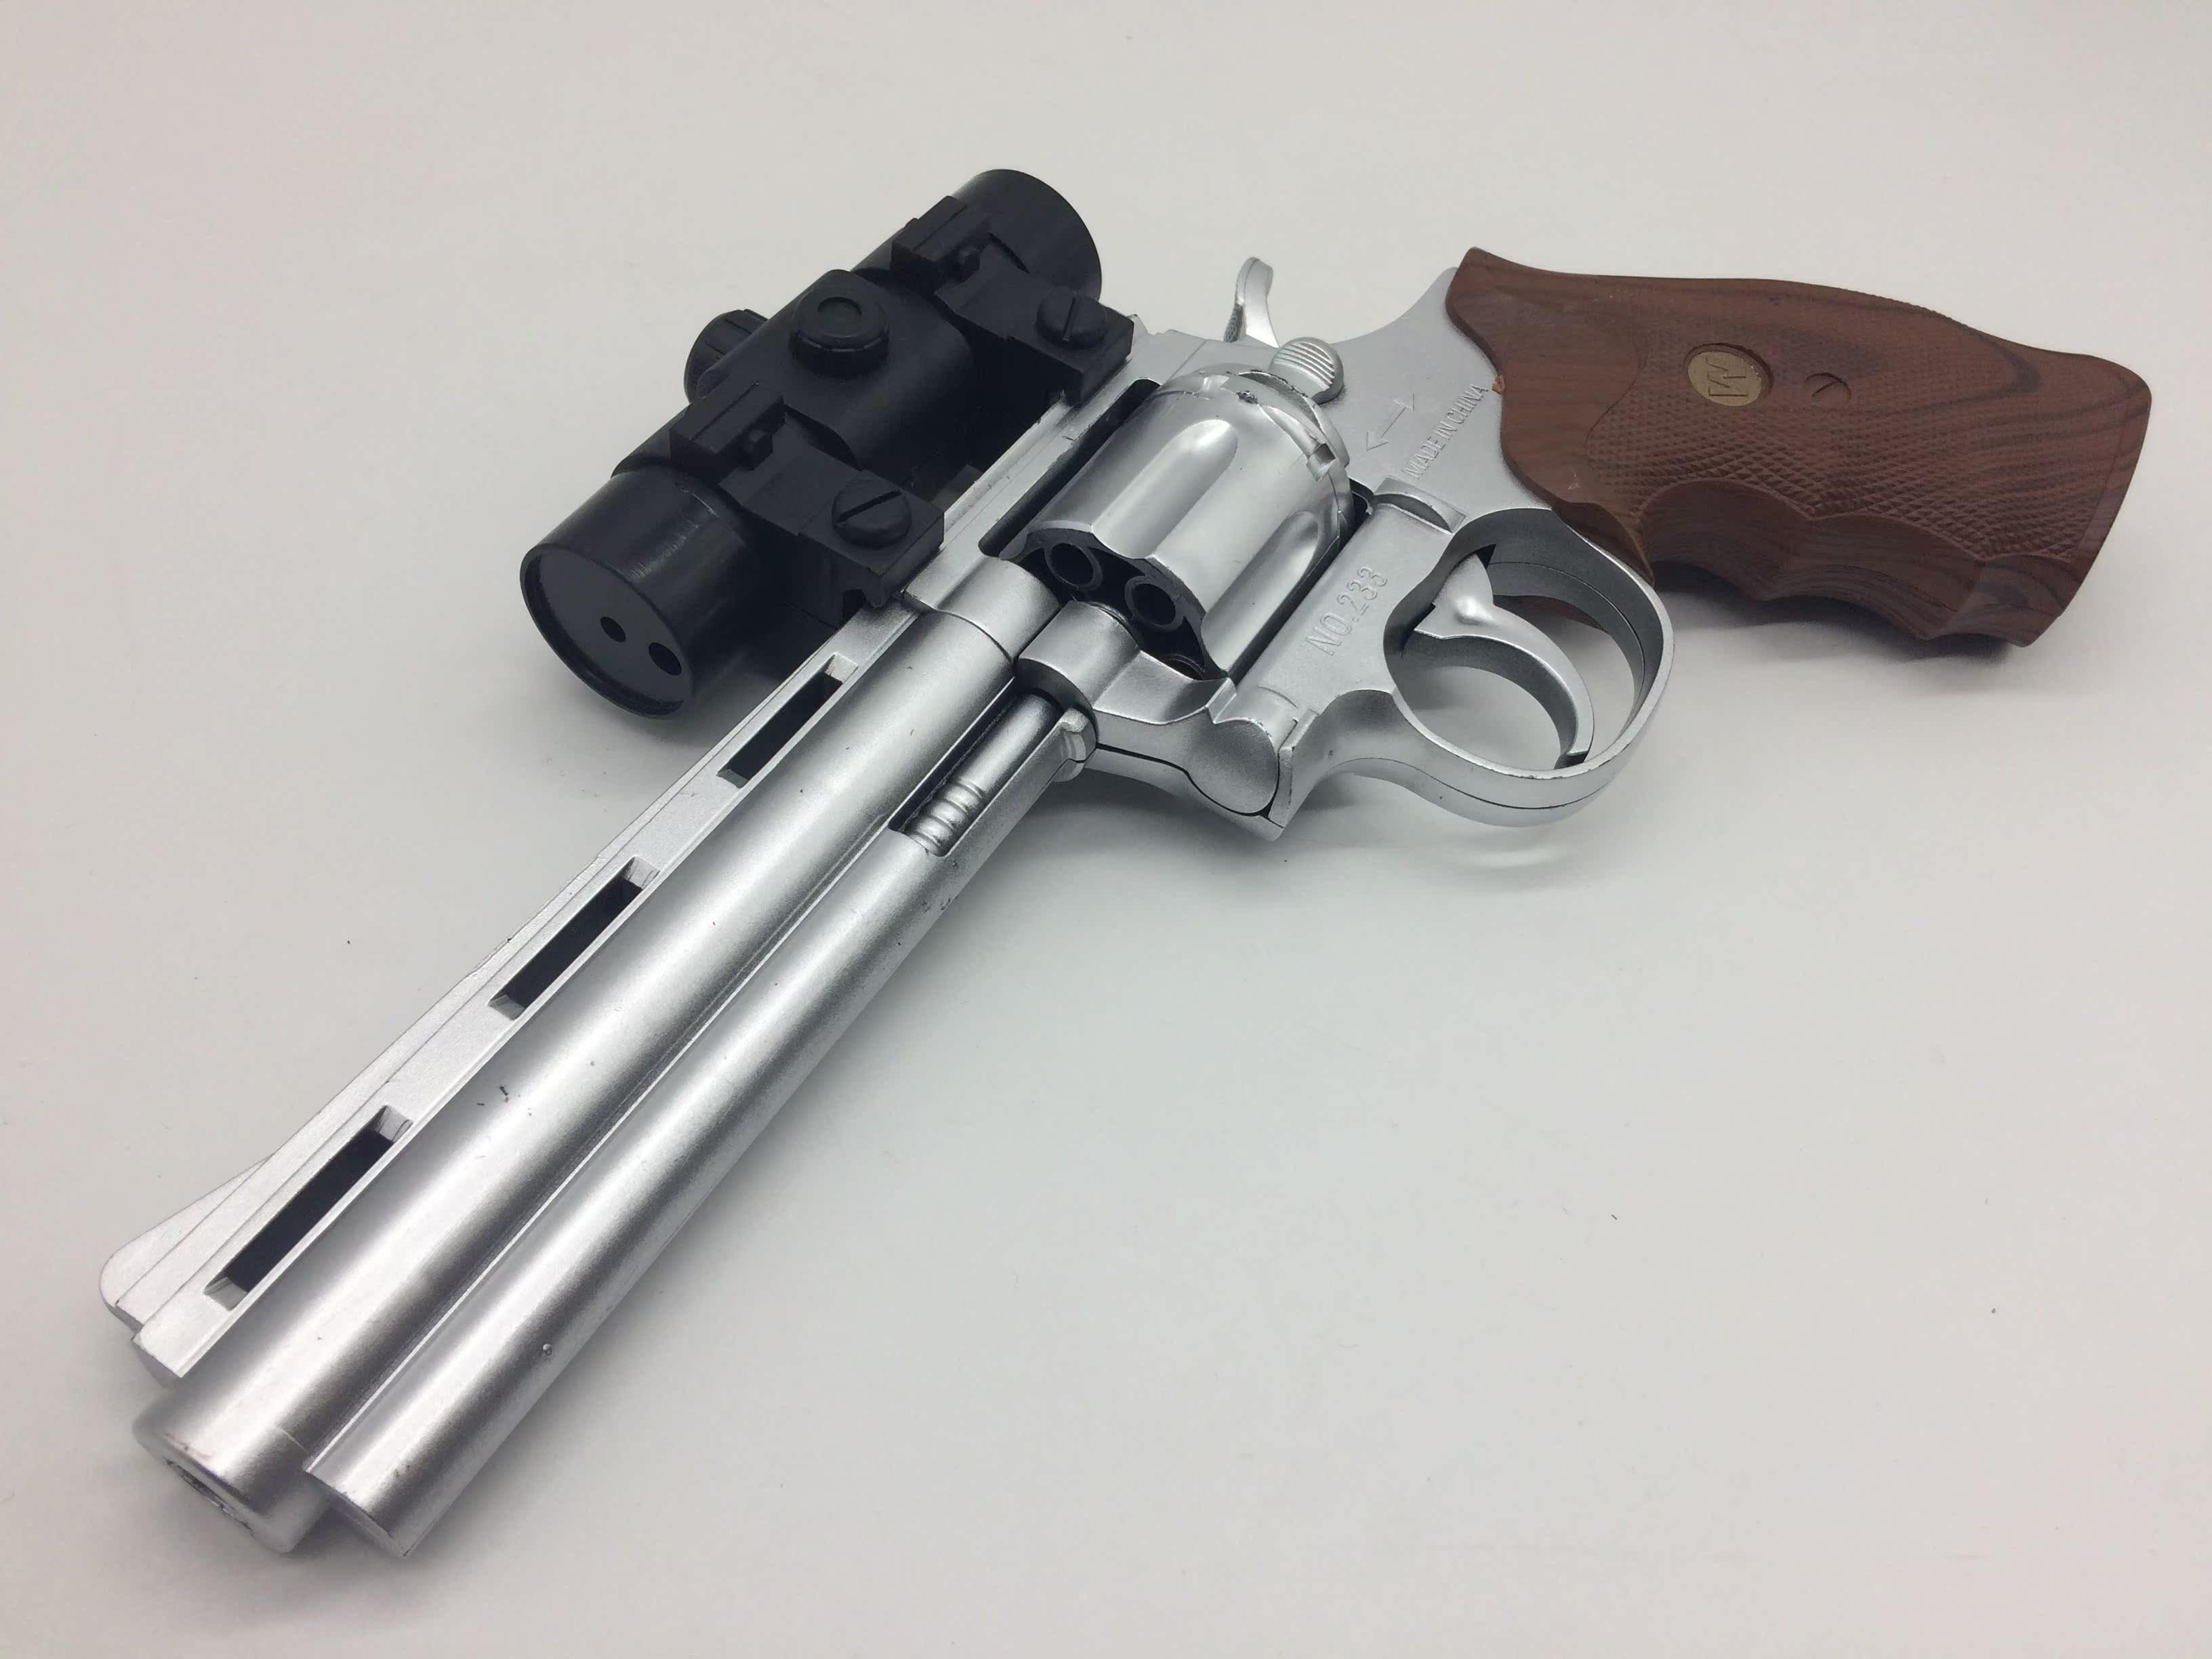 穿越 火线 蟒蛇型 左轮 柯尔特发射 玩具枪安全 环保 男孩 玩具枪